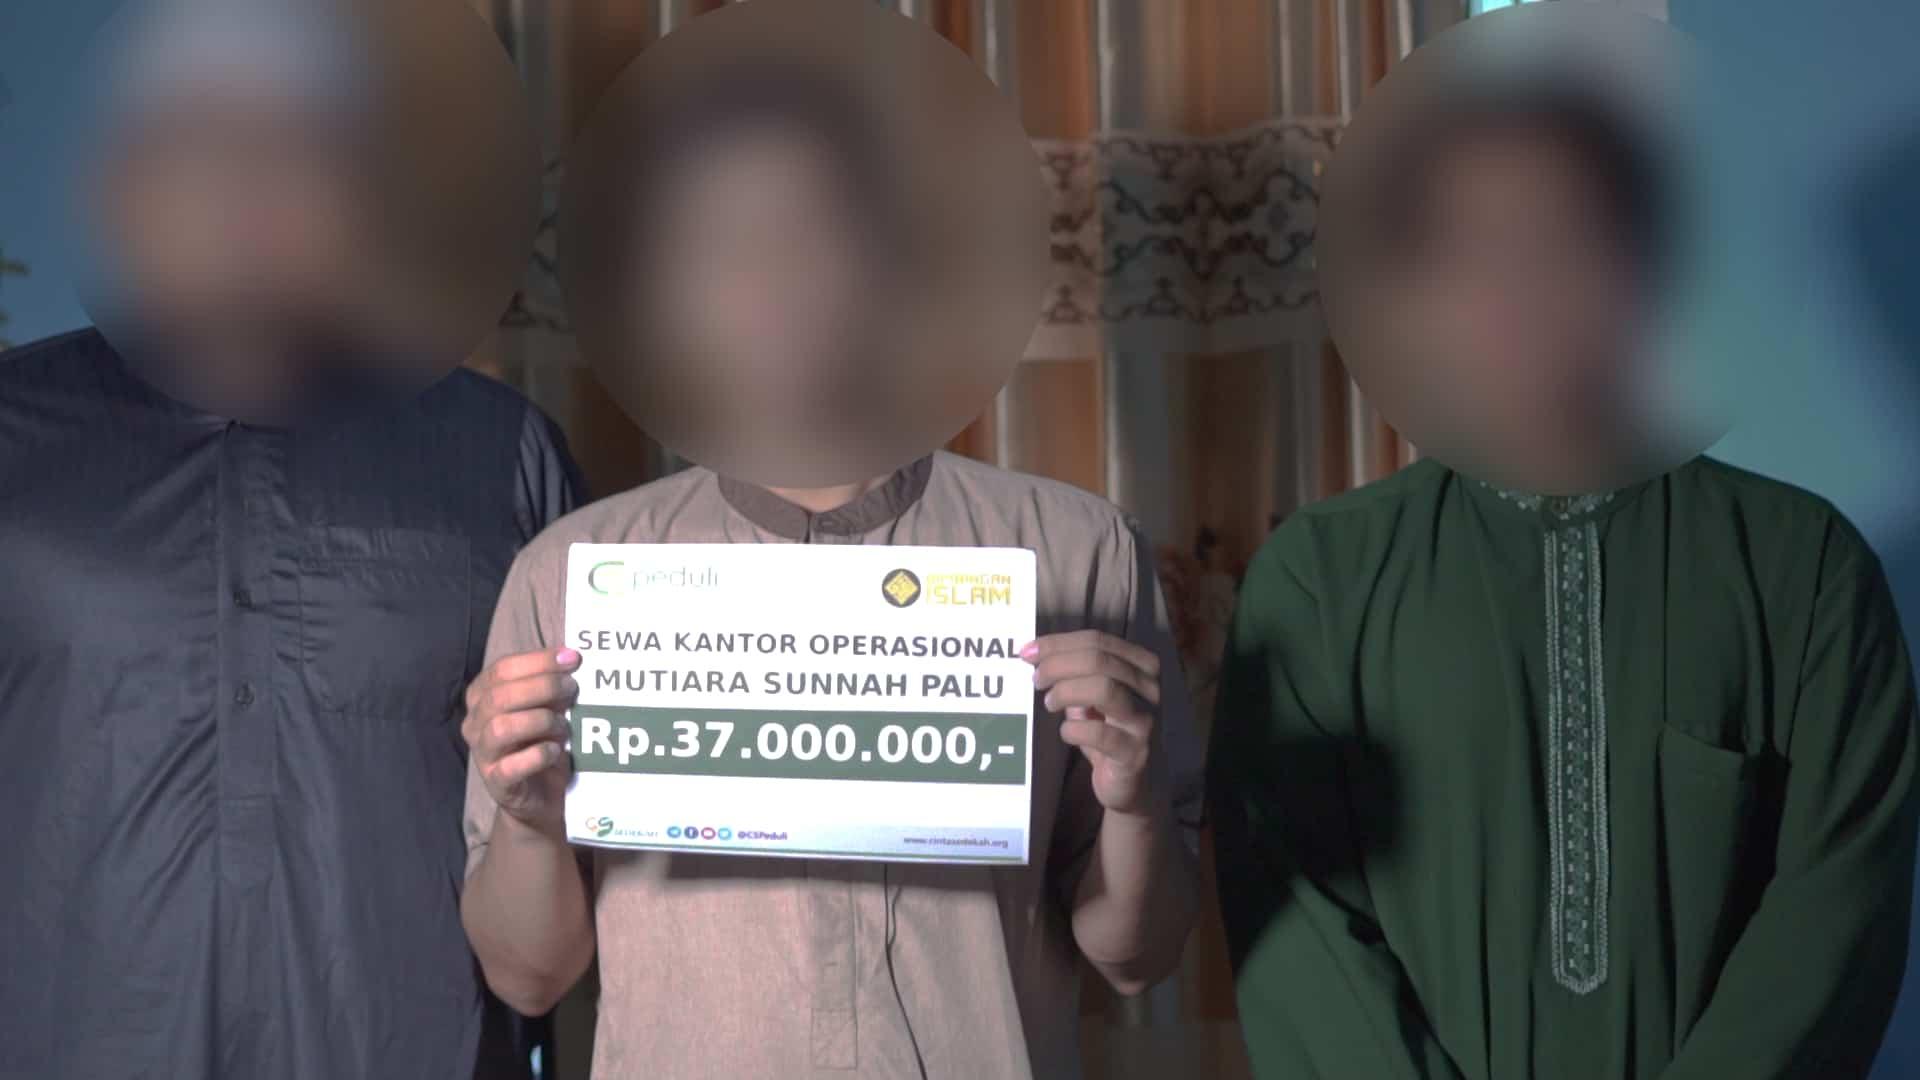 Bantuan pembayaran sewa kontrakan Rumah Tahfidz Qur'an dan Markaz Dakwah di Palu (Sulteng)